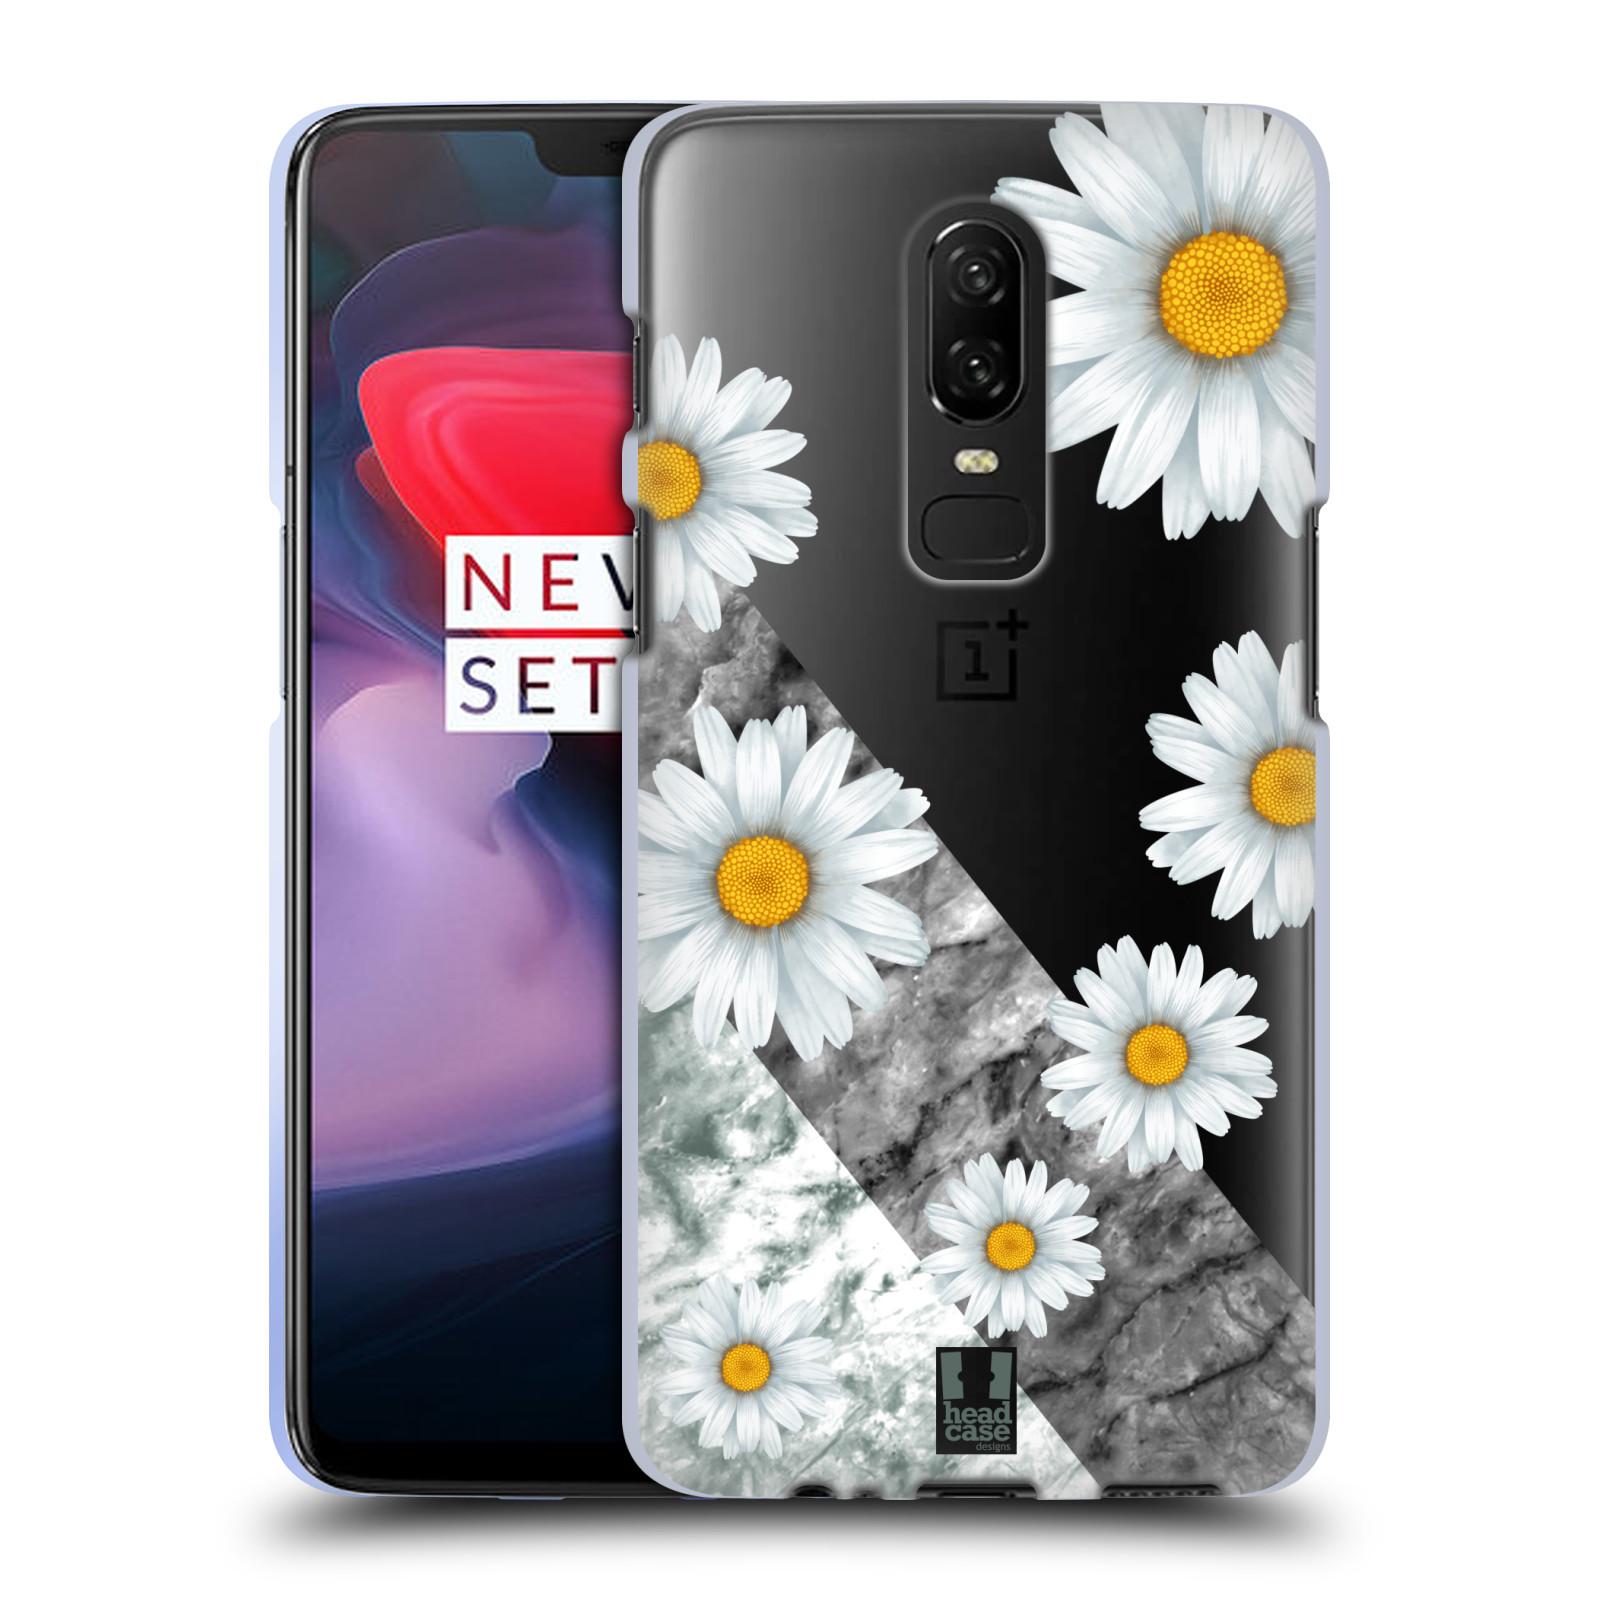 Silikonové pouzdro na mobil OnePlus 6 - Head Case - Kopretiny a mramor